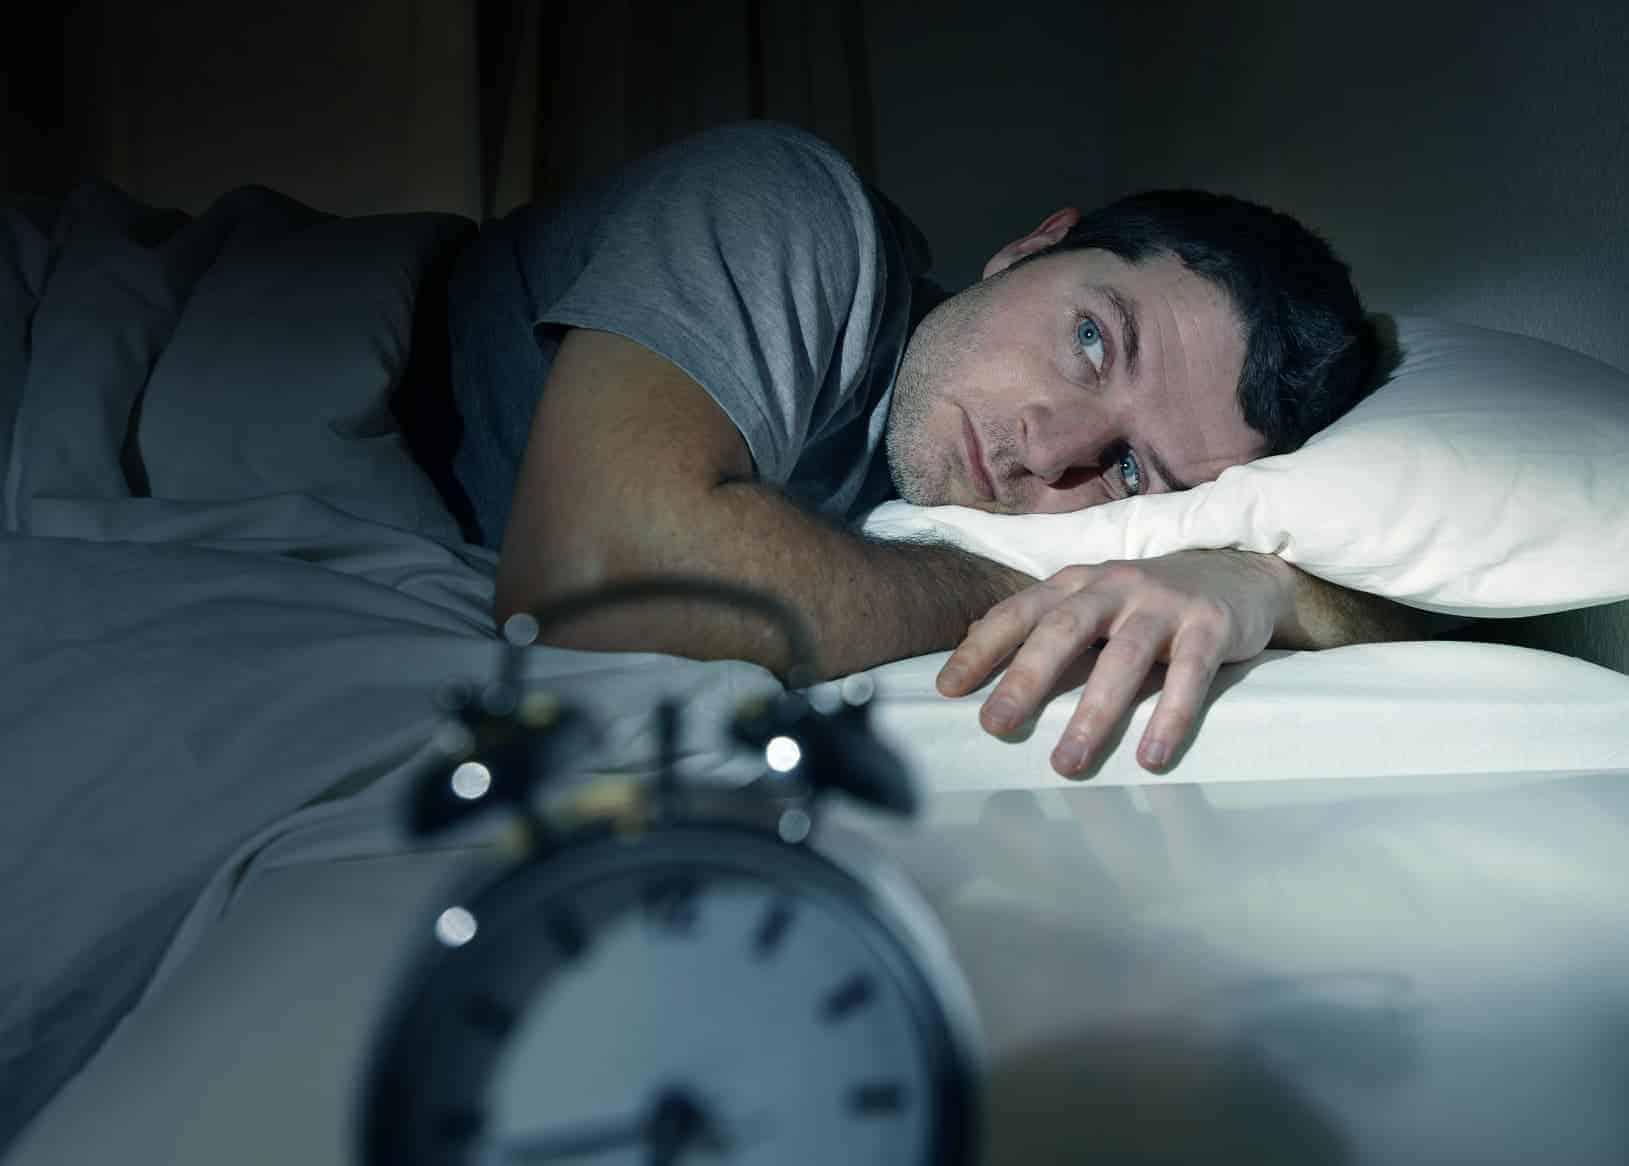 zu bestimmten Uhrzeiten aufwachen